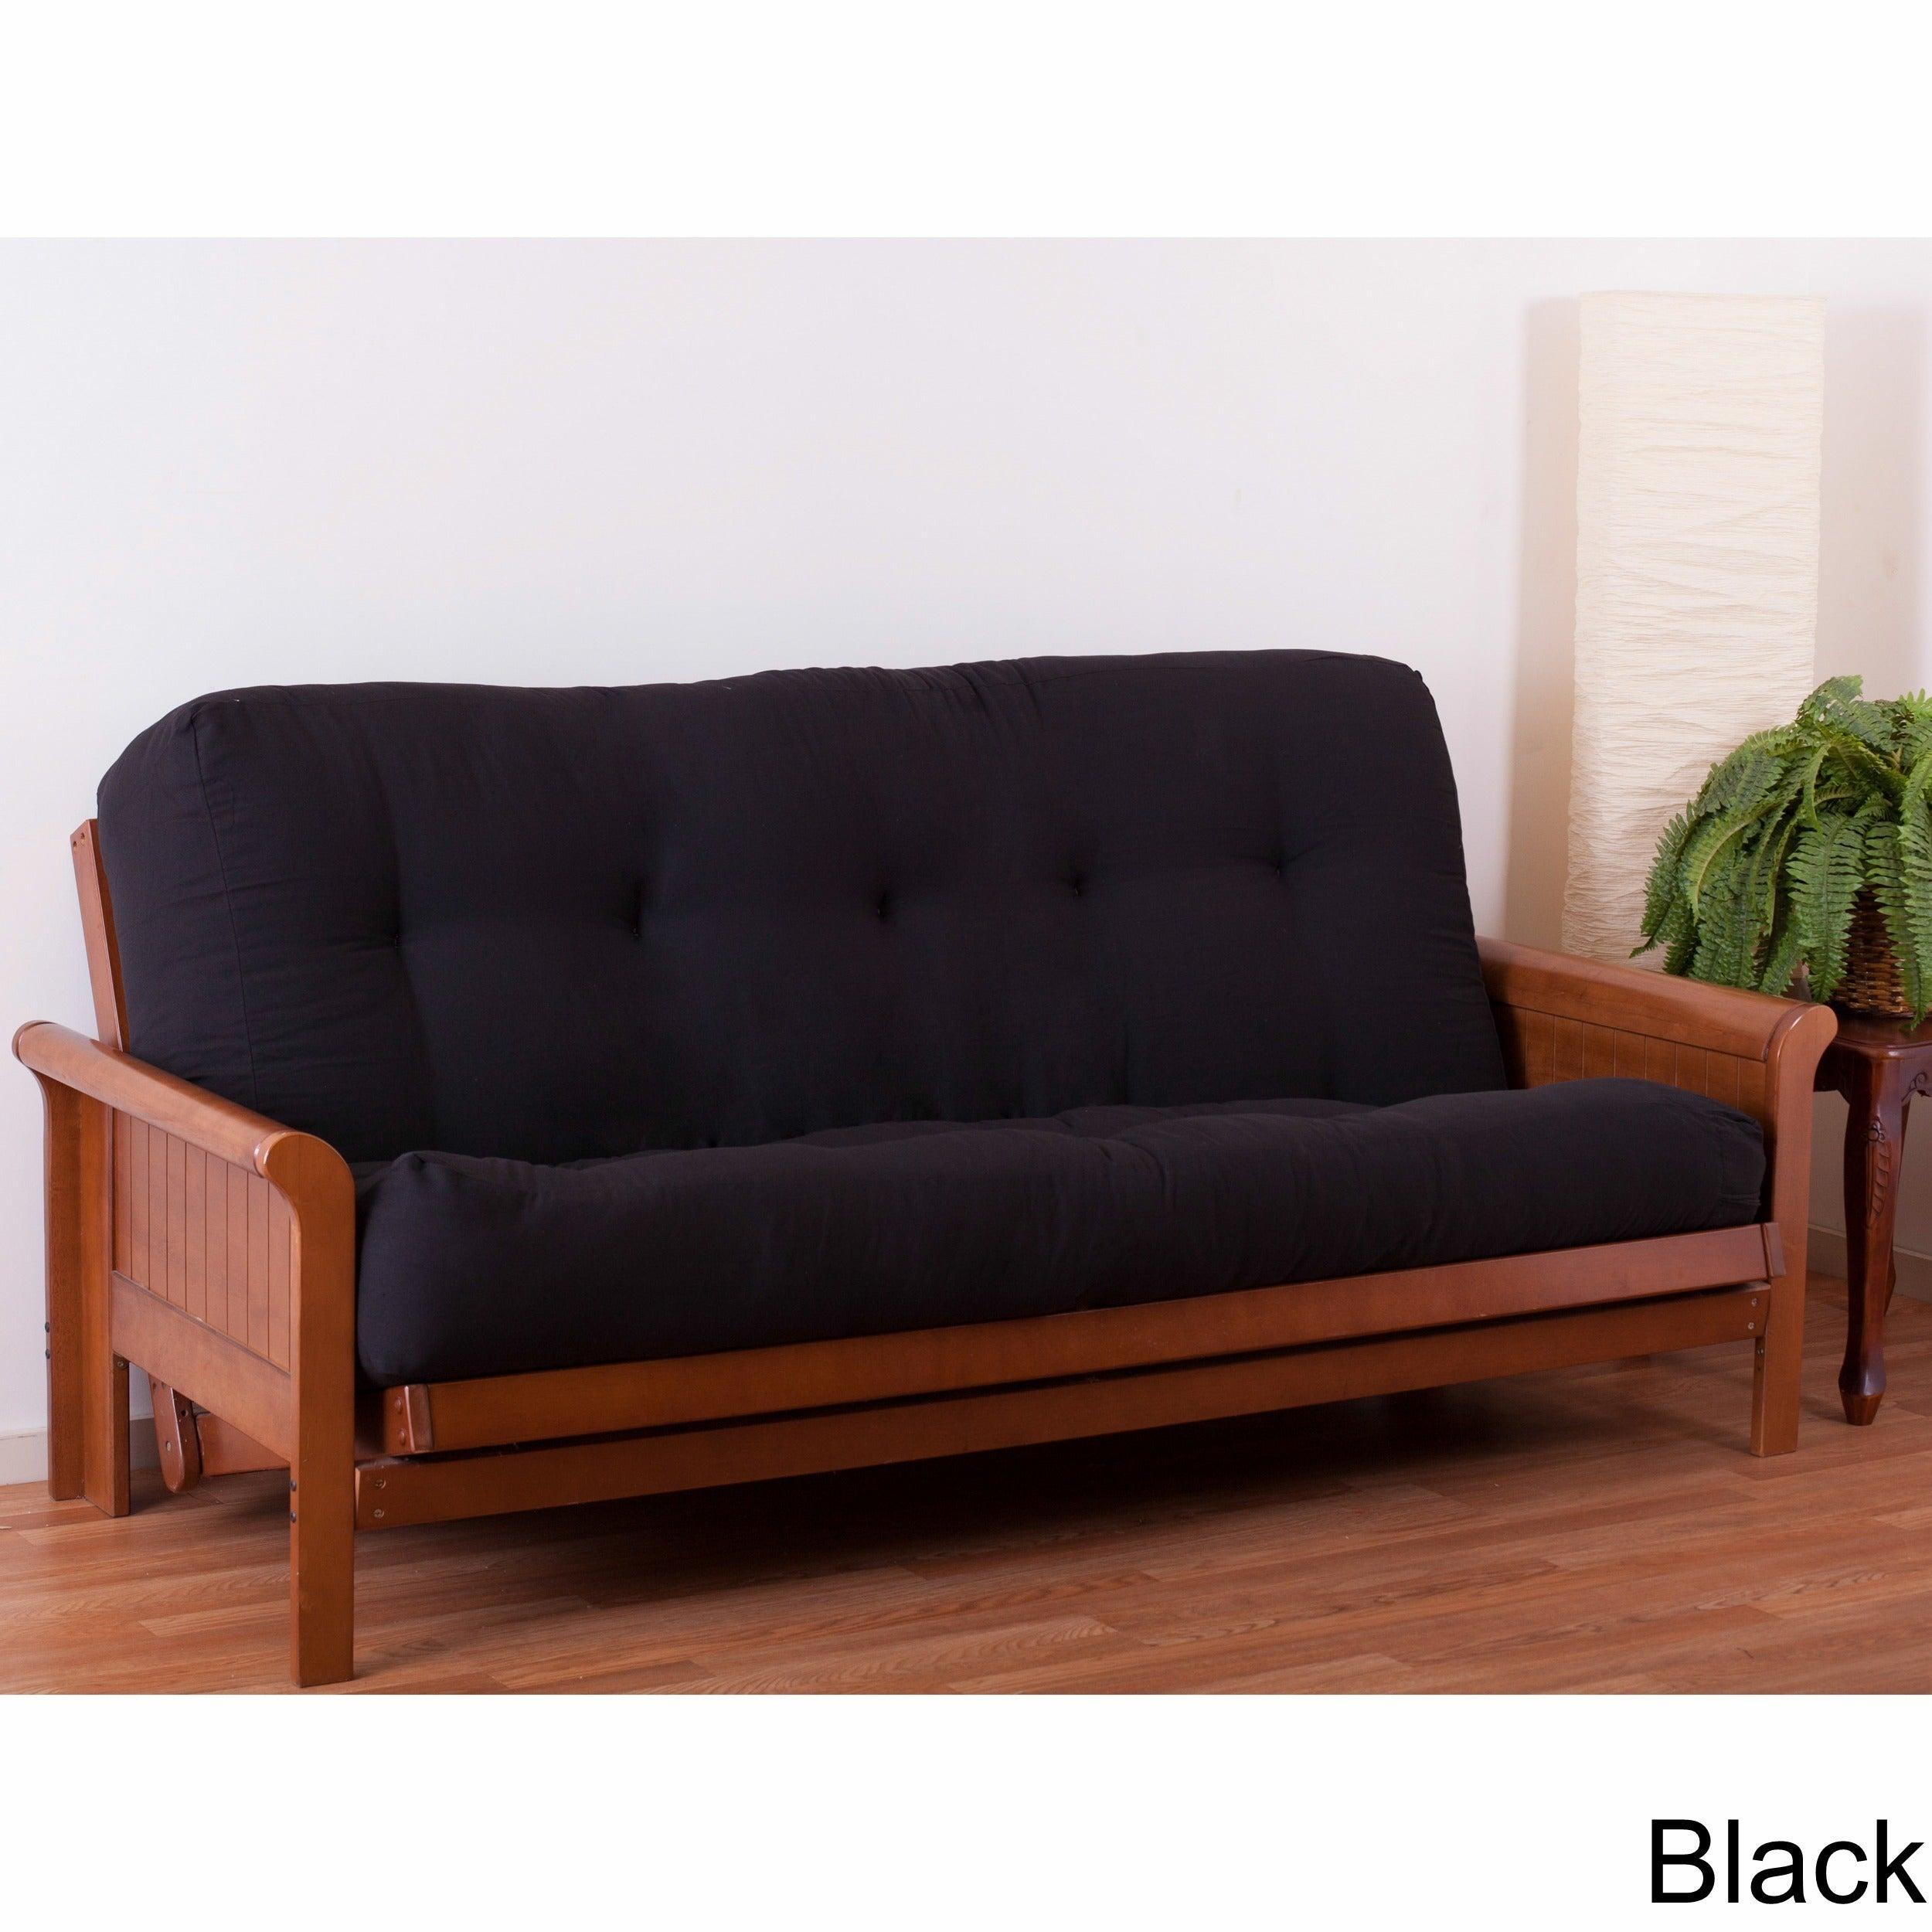 pdx futons futon gold feather furniture reviews touch bond innerspring mattress wayfair